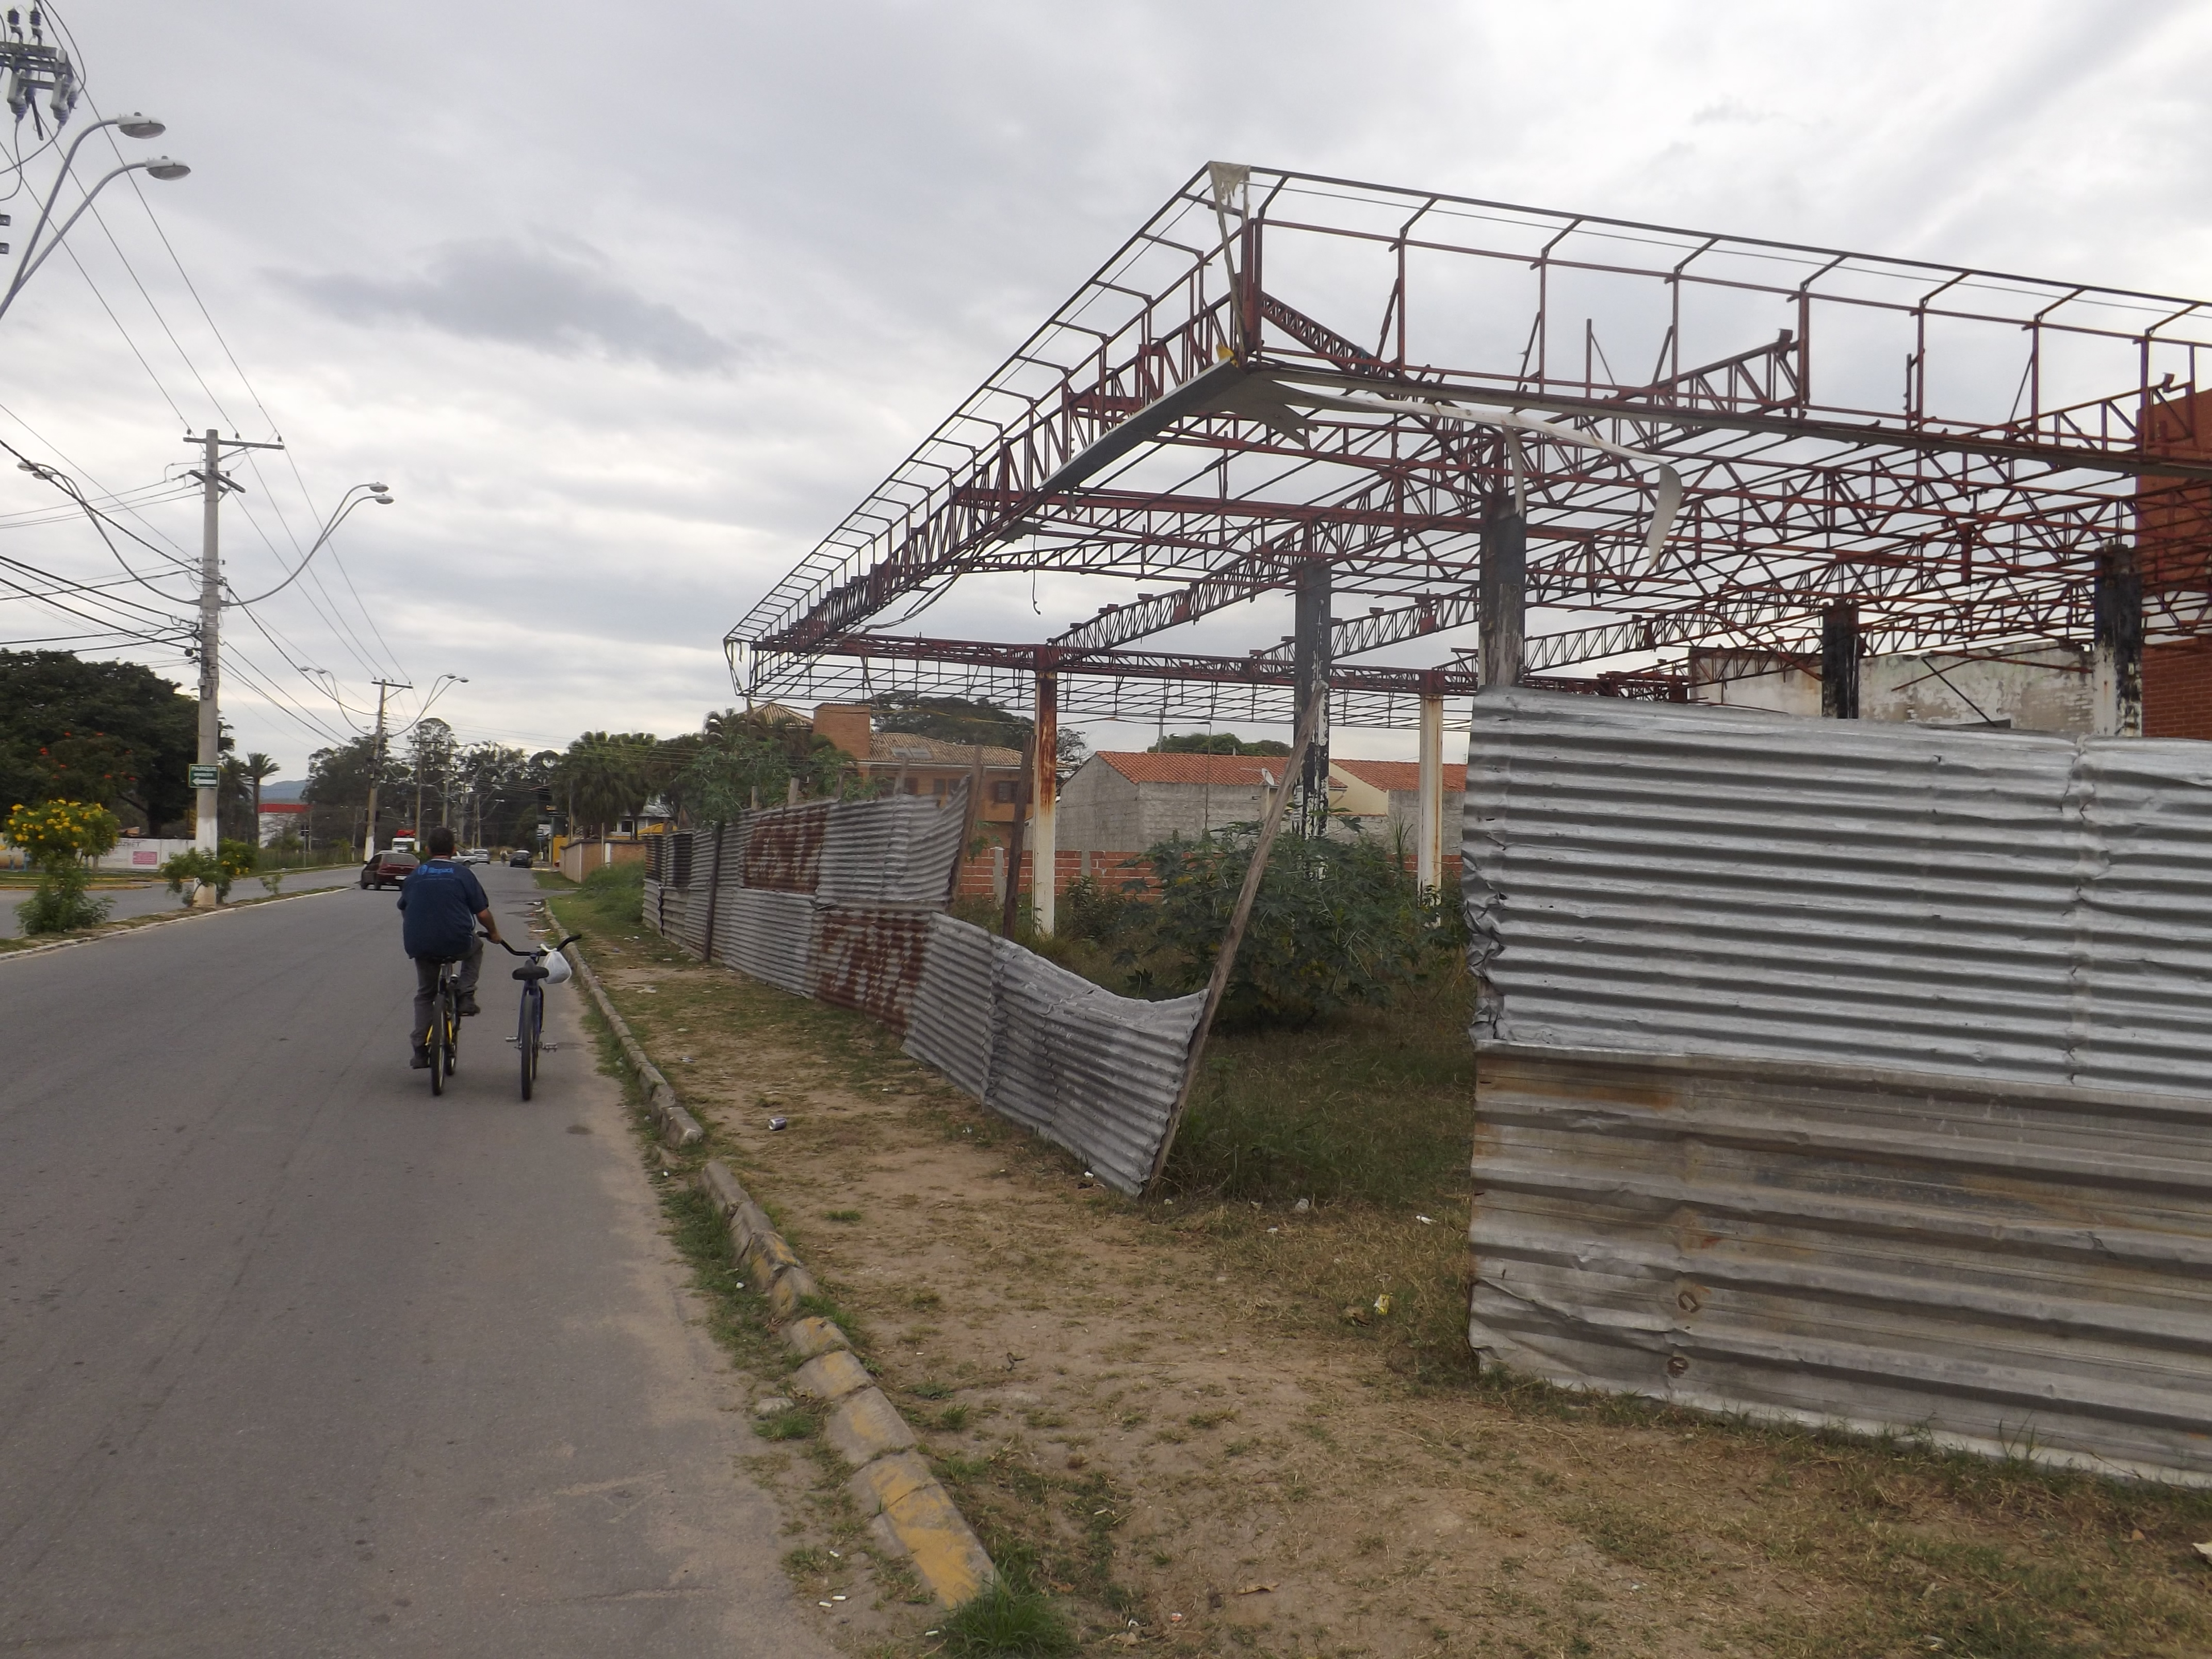 Abandonado, posto de gasolina virou ponto de drogas e fuga de dependentes, em um dos acessos à Dutra (Foto: Lucas Barbosa)